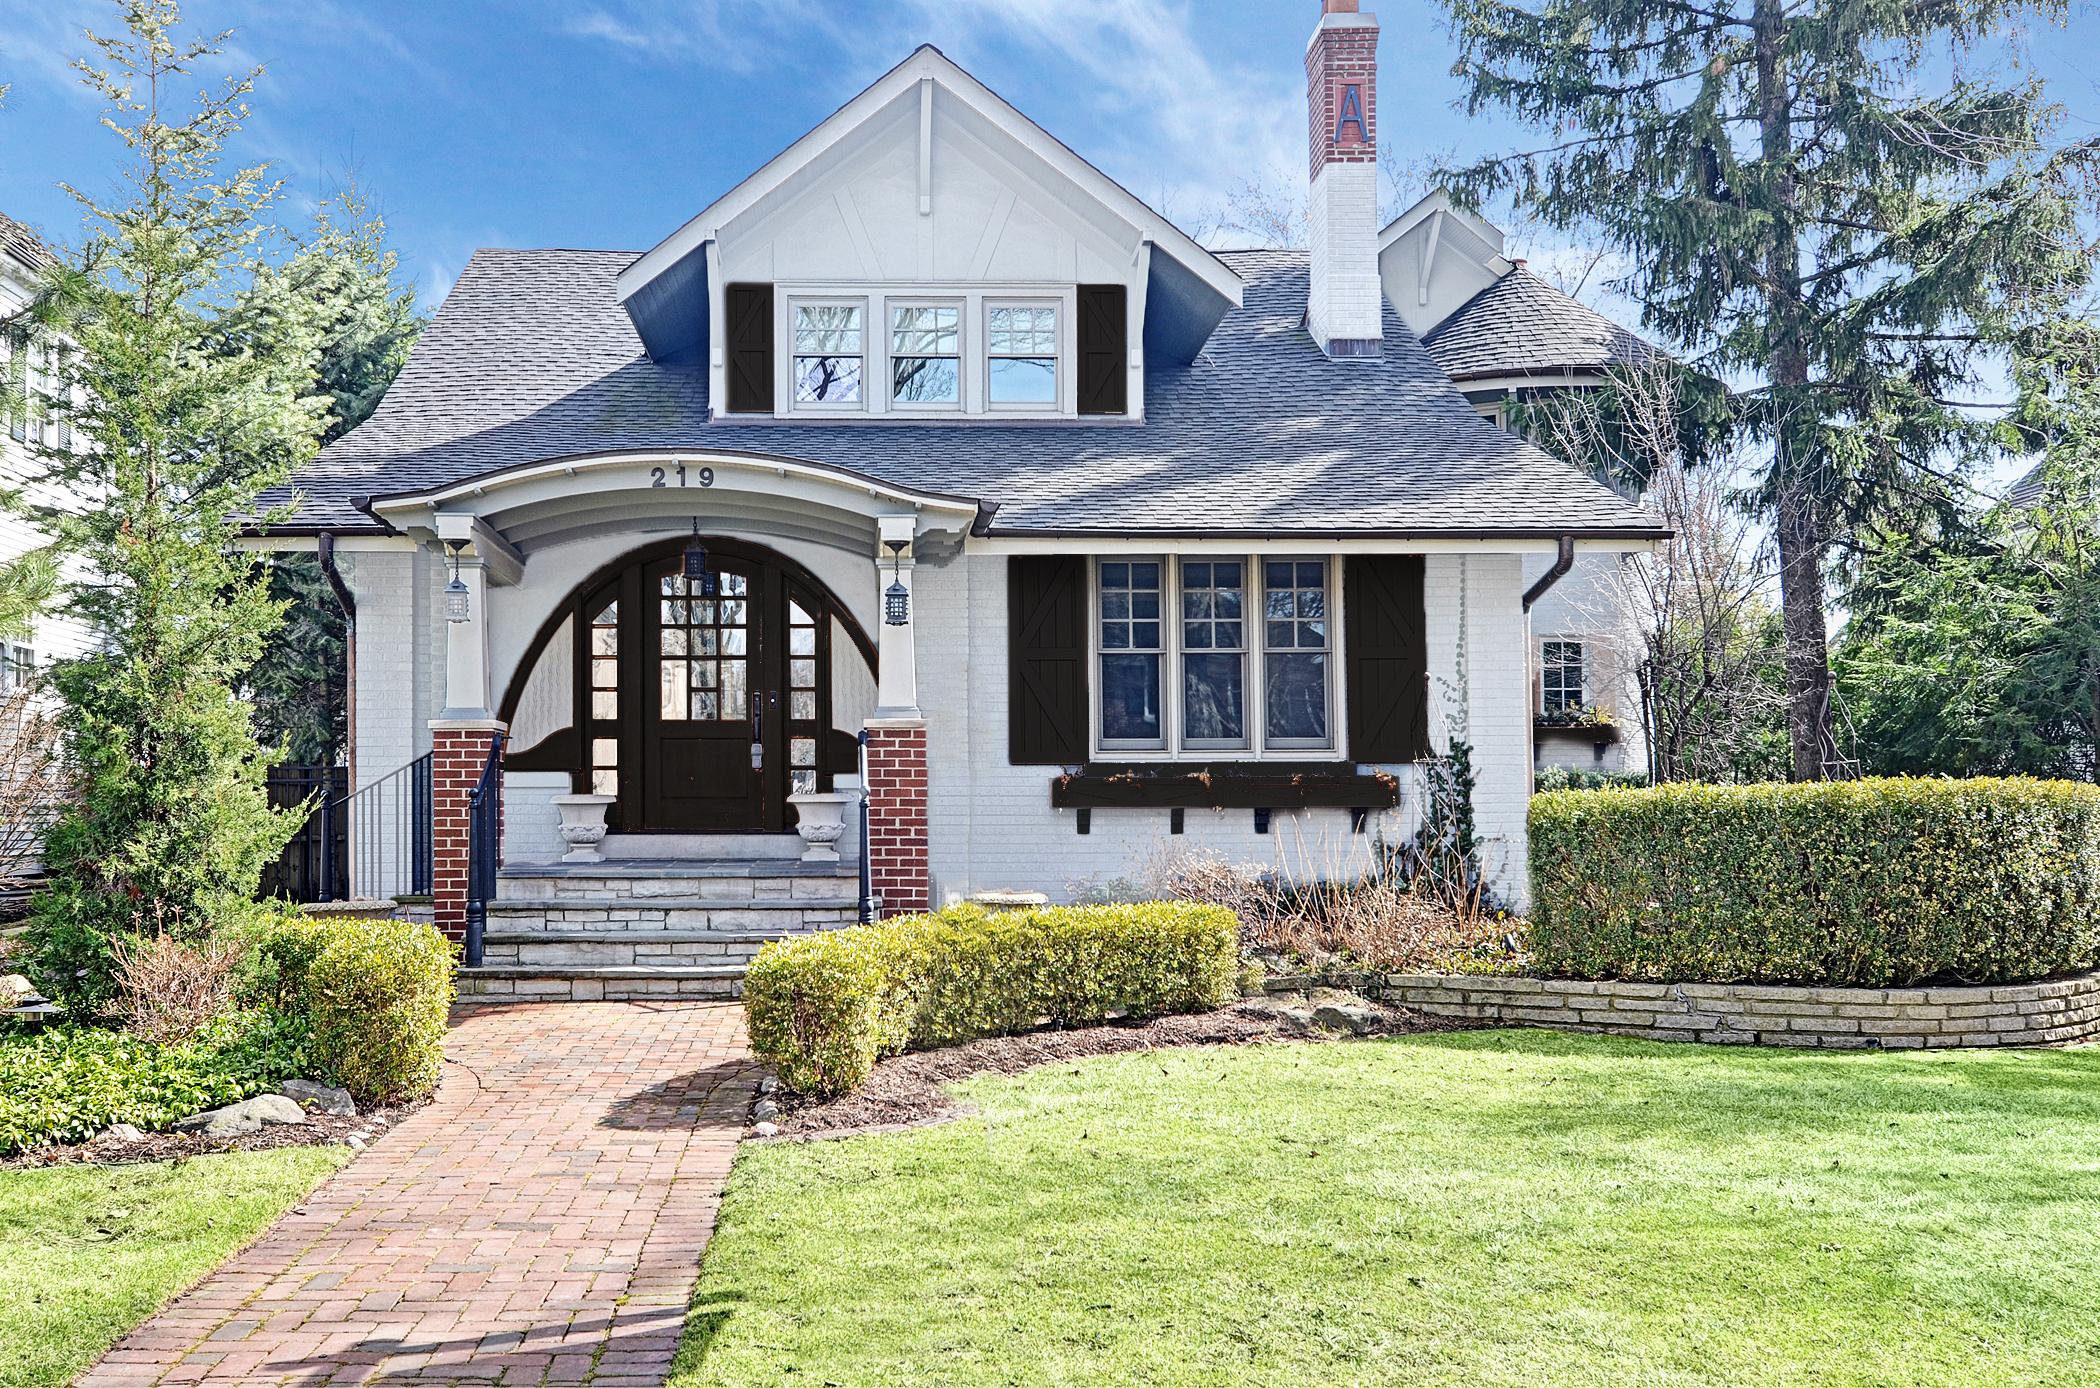 Tek Ailelik Ev için Satış at North Lincoln 219 N. Lincoln Hinsdale, Illinois, 60521 Amerika Birleşik Devletleri